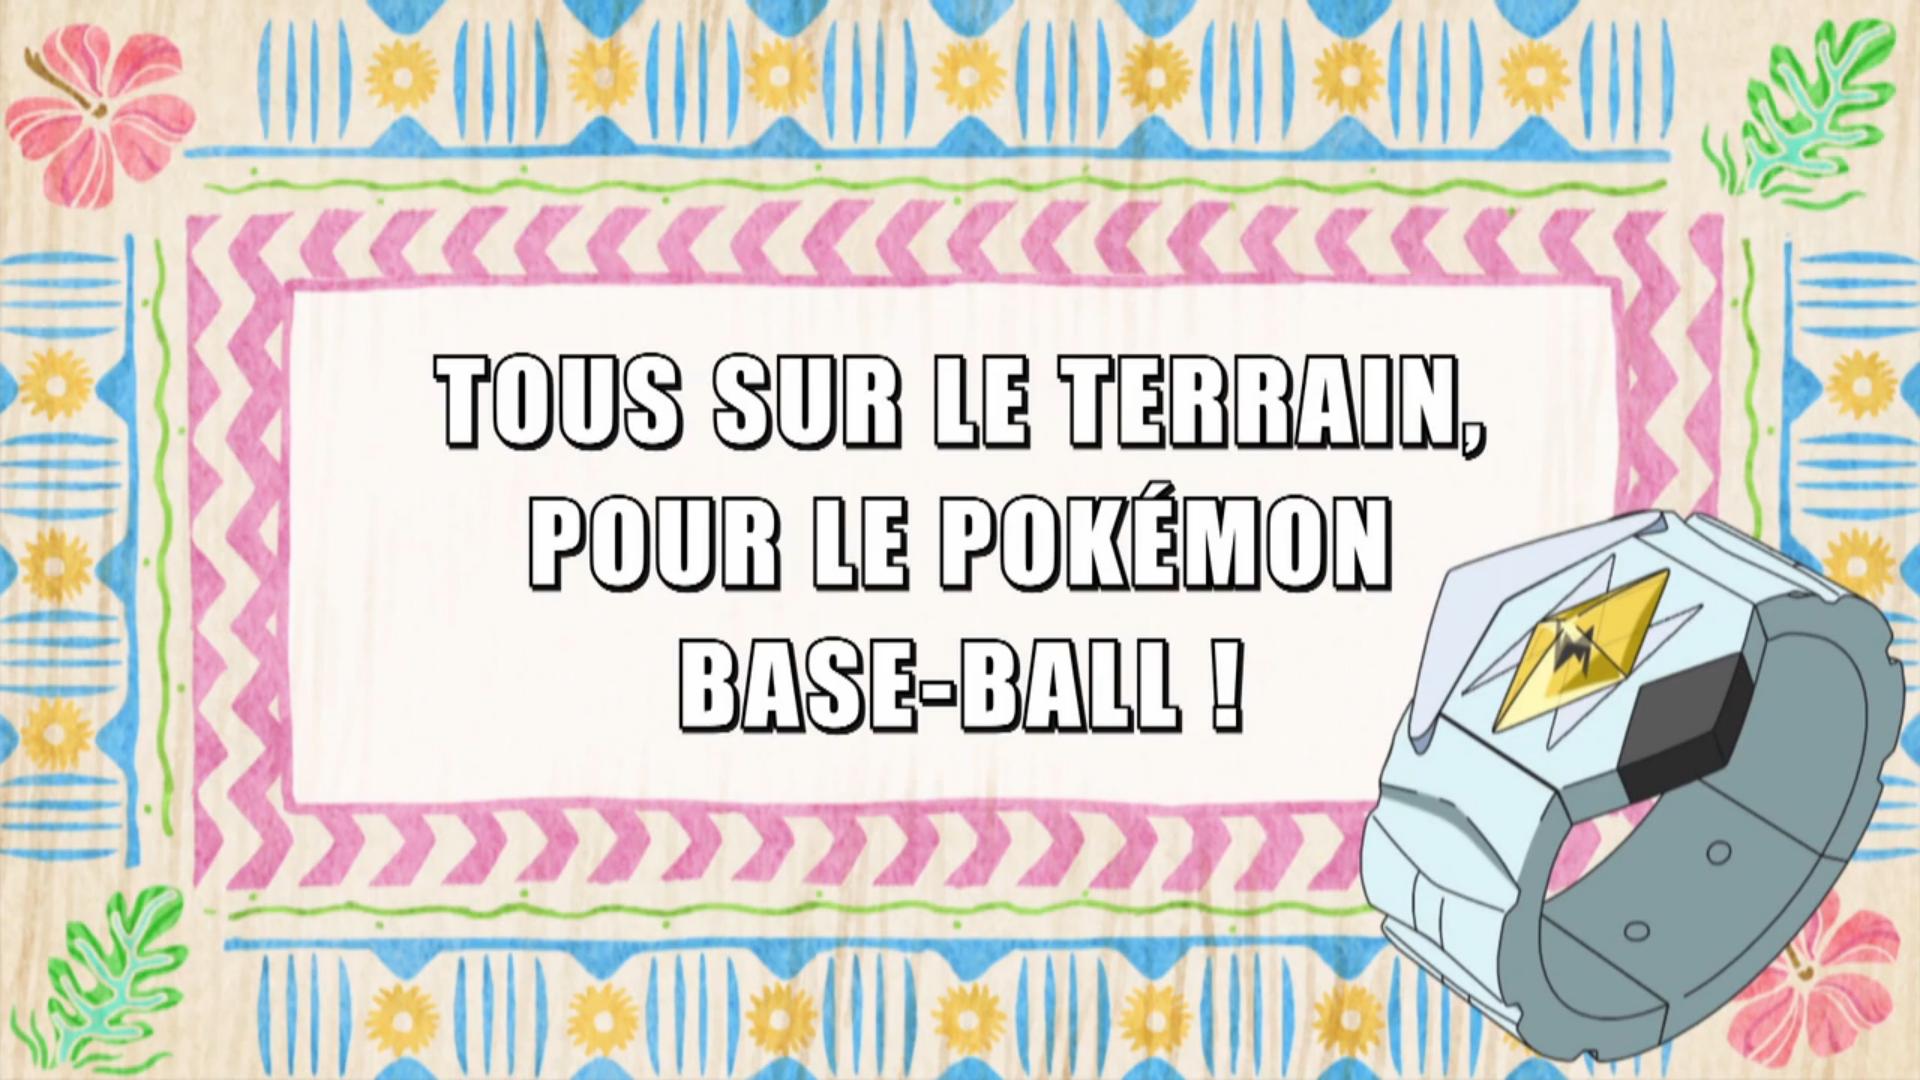 Pokémon - 20x28 - Tous sur le terrain, pour le Pokémon Base-Ball !